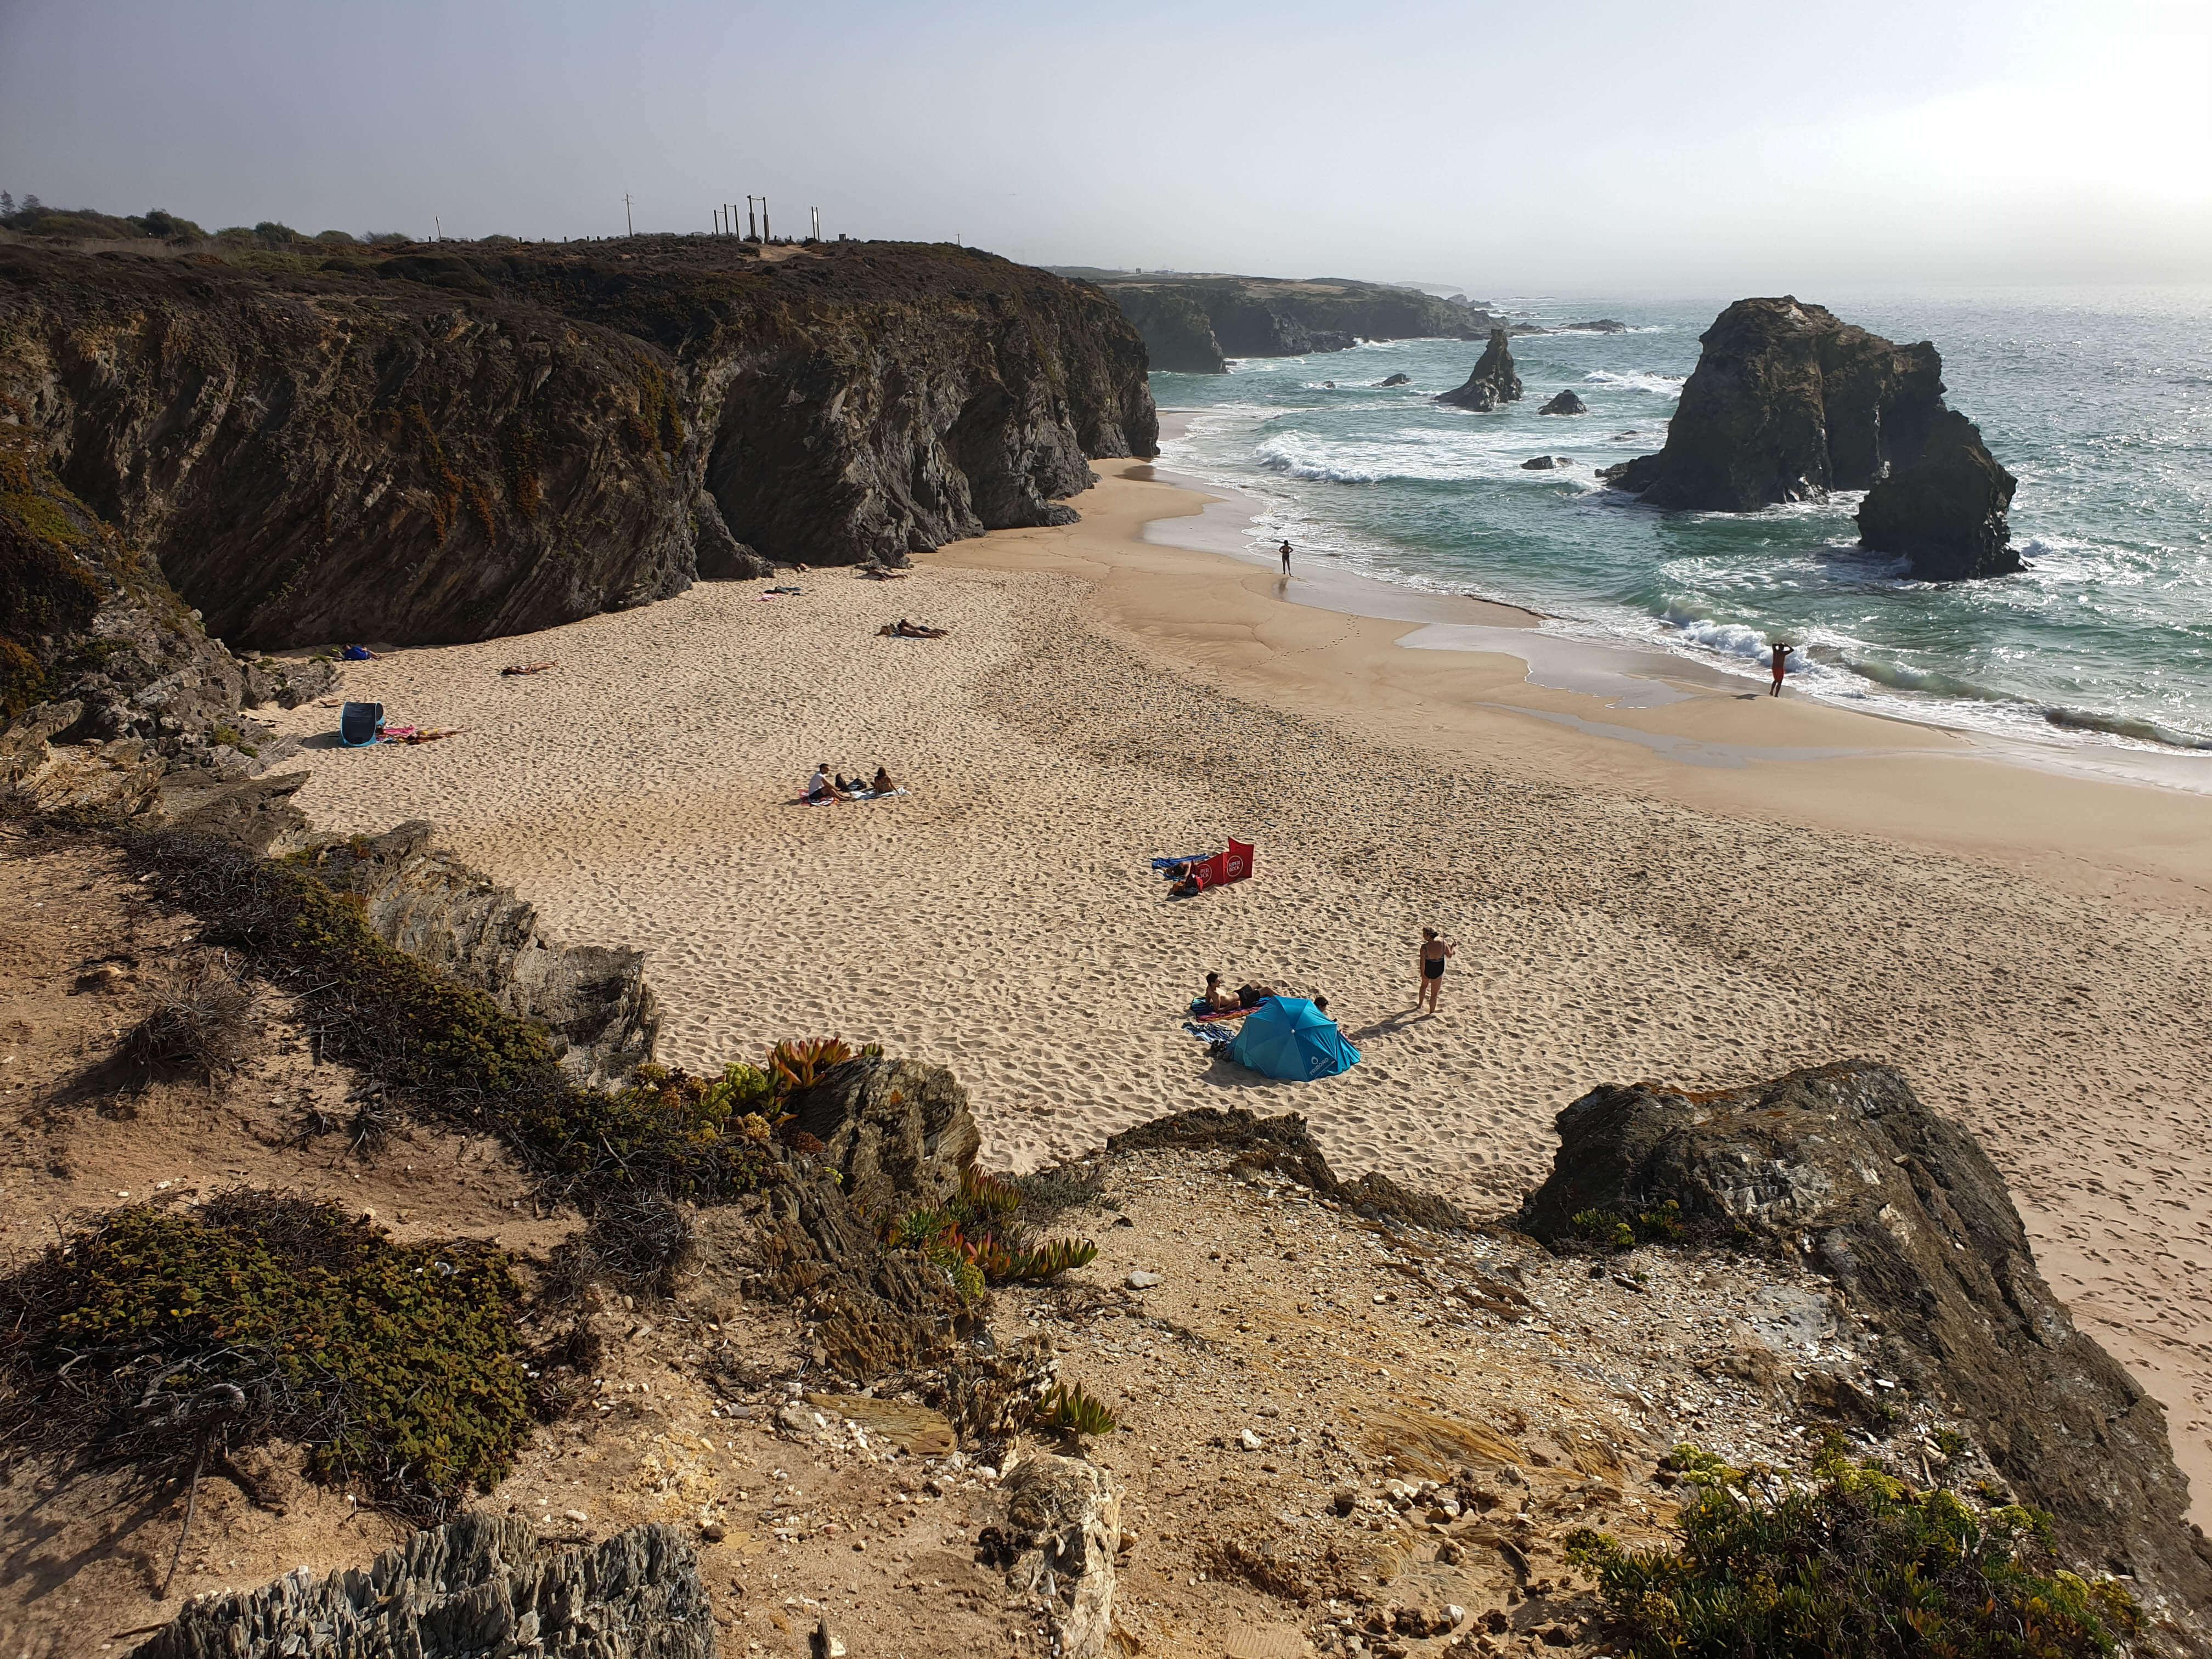 Wat te doen aan de Alentejo kust